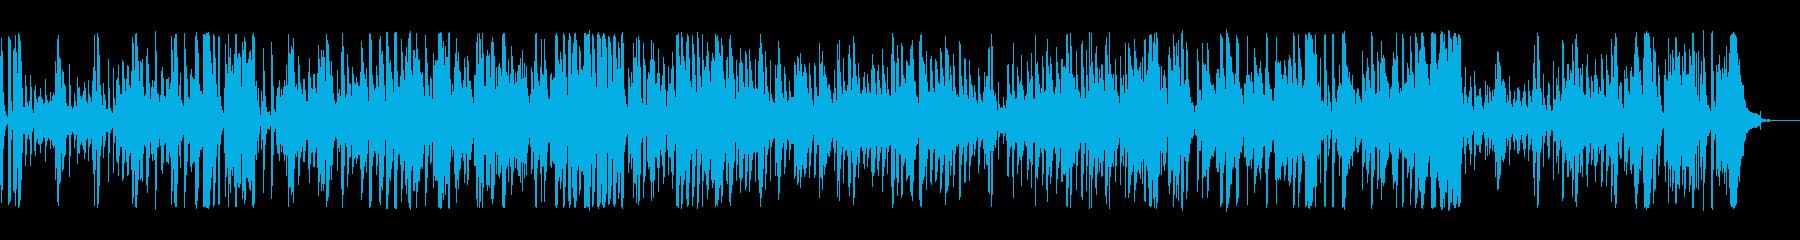 ジャズ 楽しげ お洒落 ハイテク ...の再生済みの波形